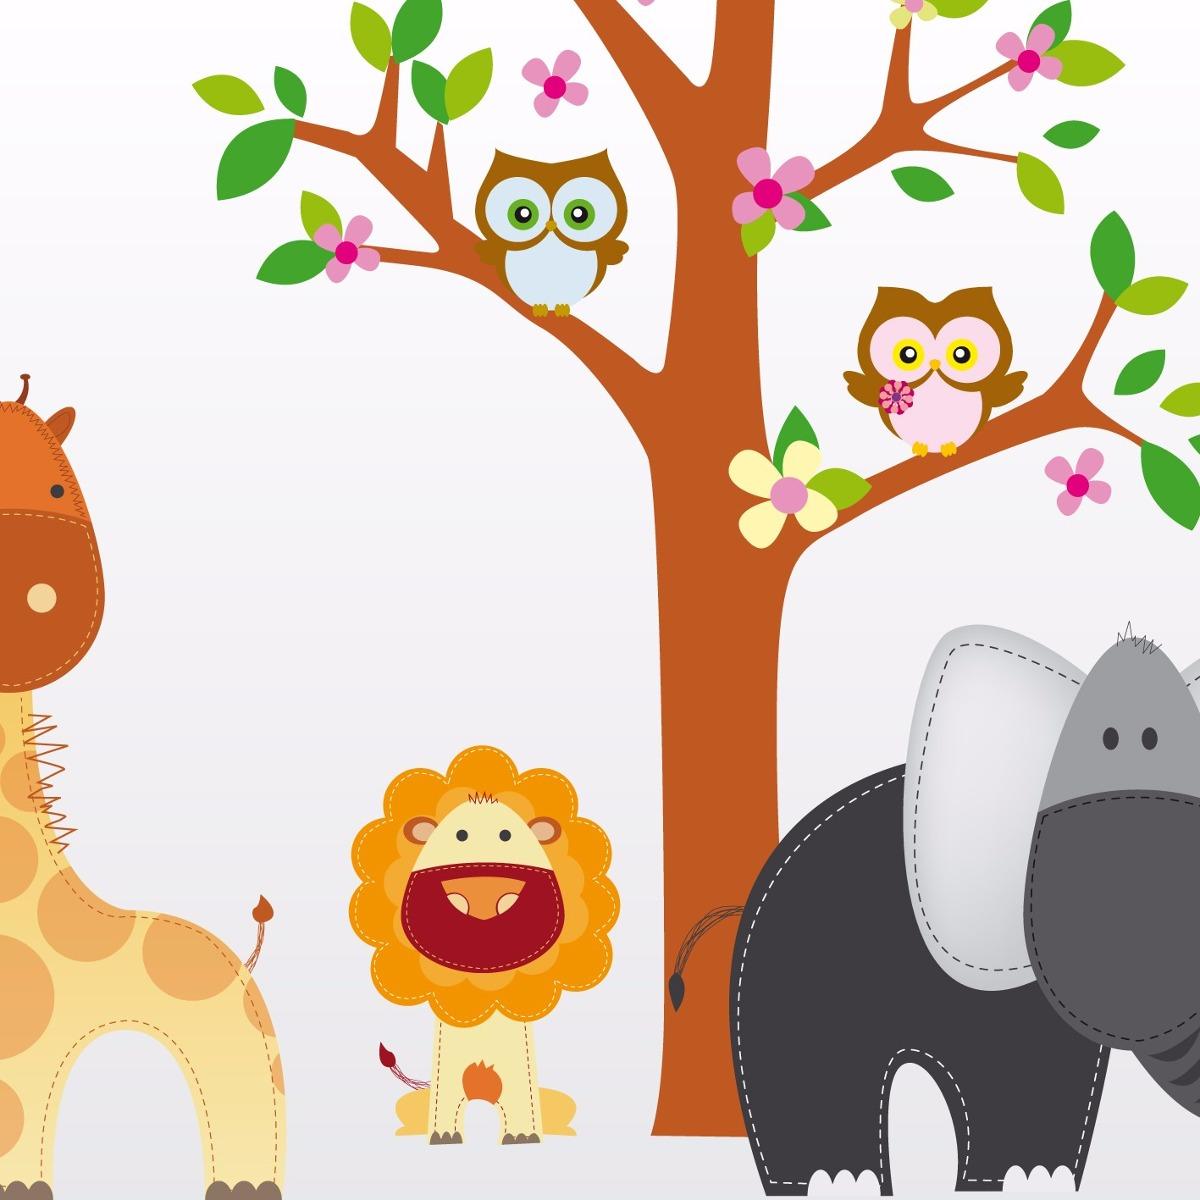 Vinilos para pared infantiles vinilos decorativos para - Dibujos infantiles para decorar paredes ...